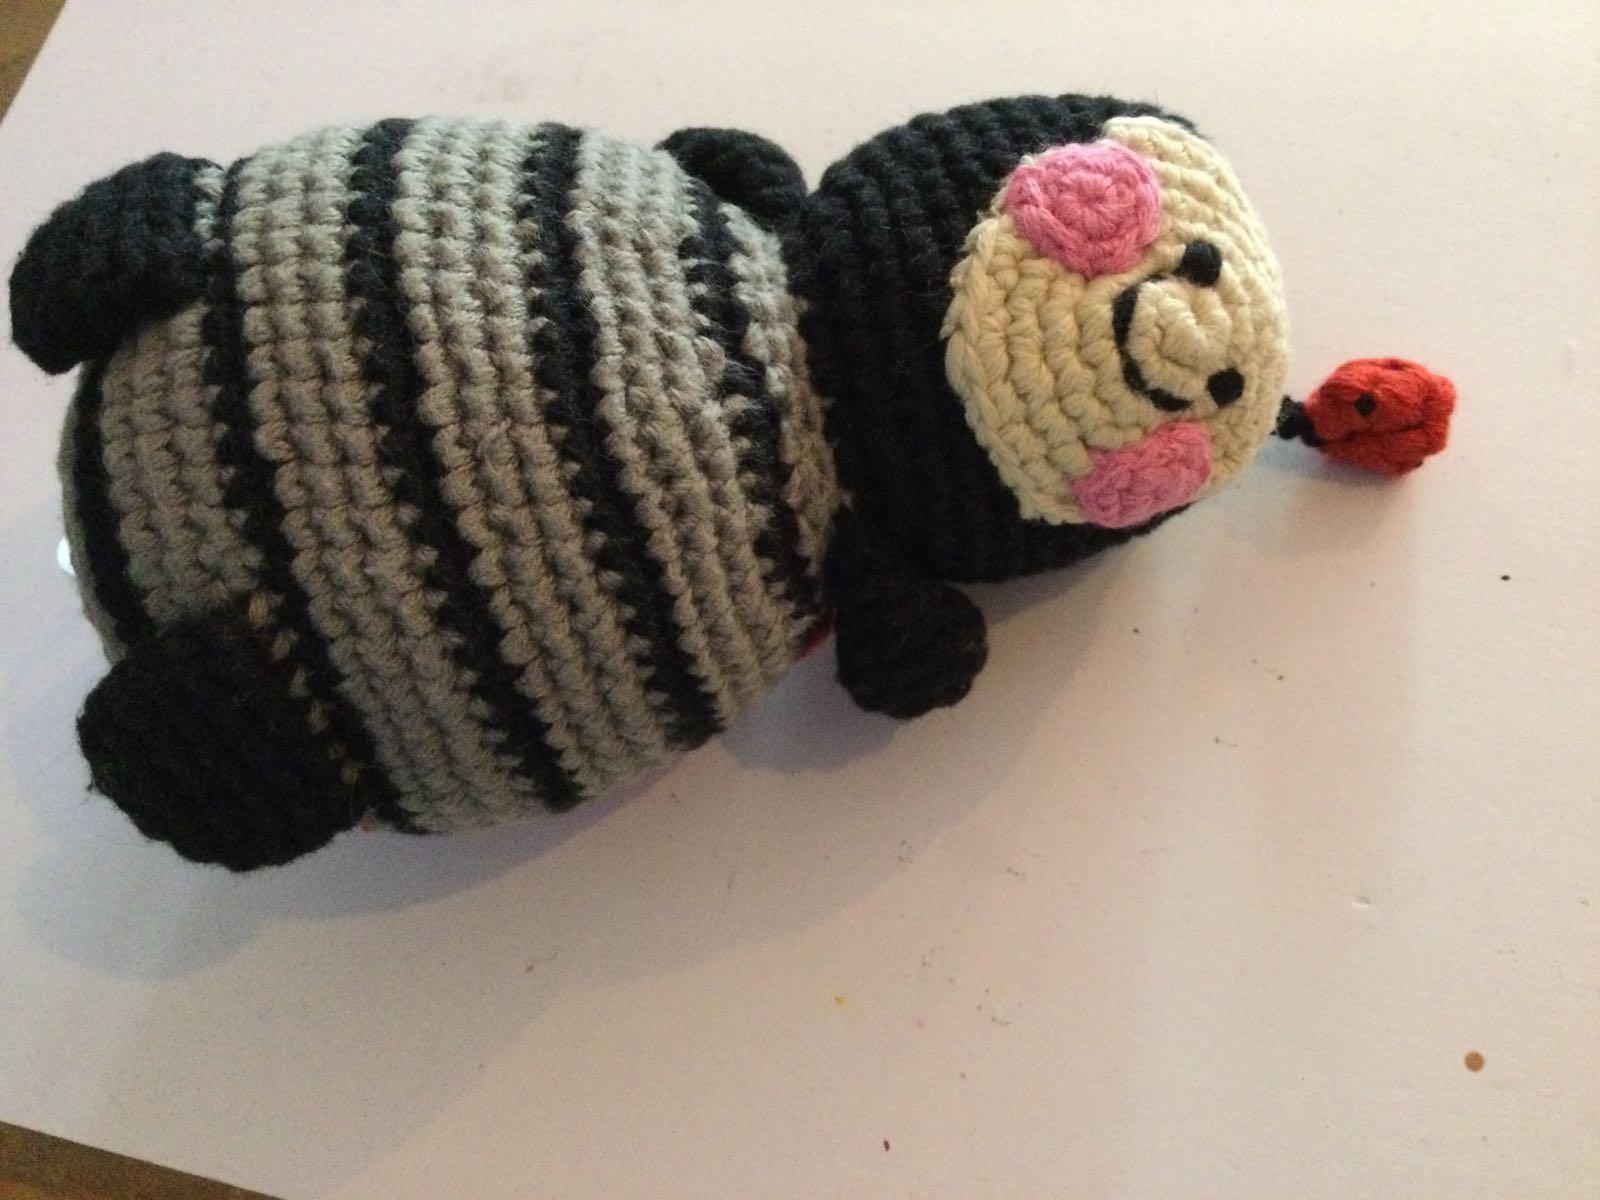 Pebble - Crochet Ladybird Rattle